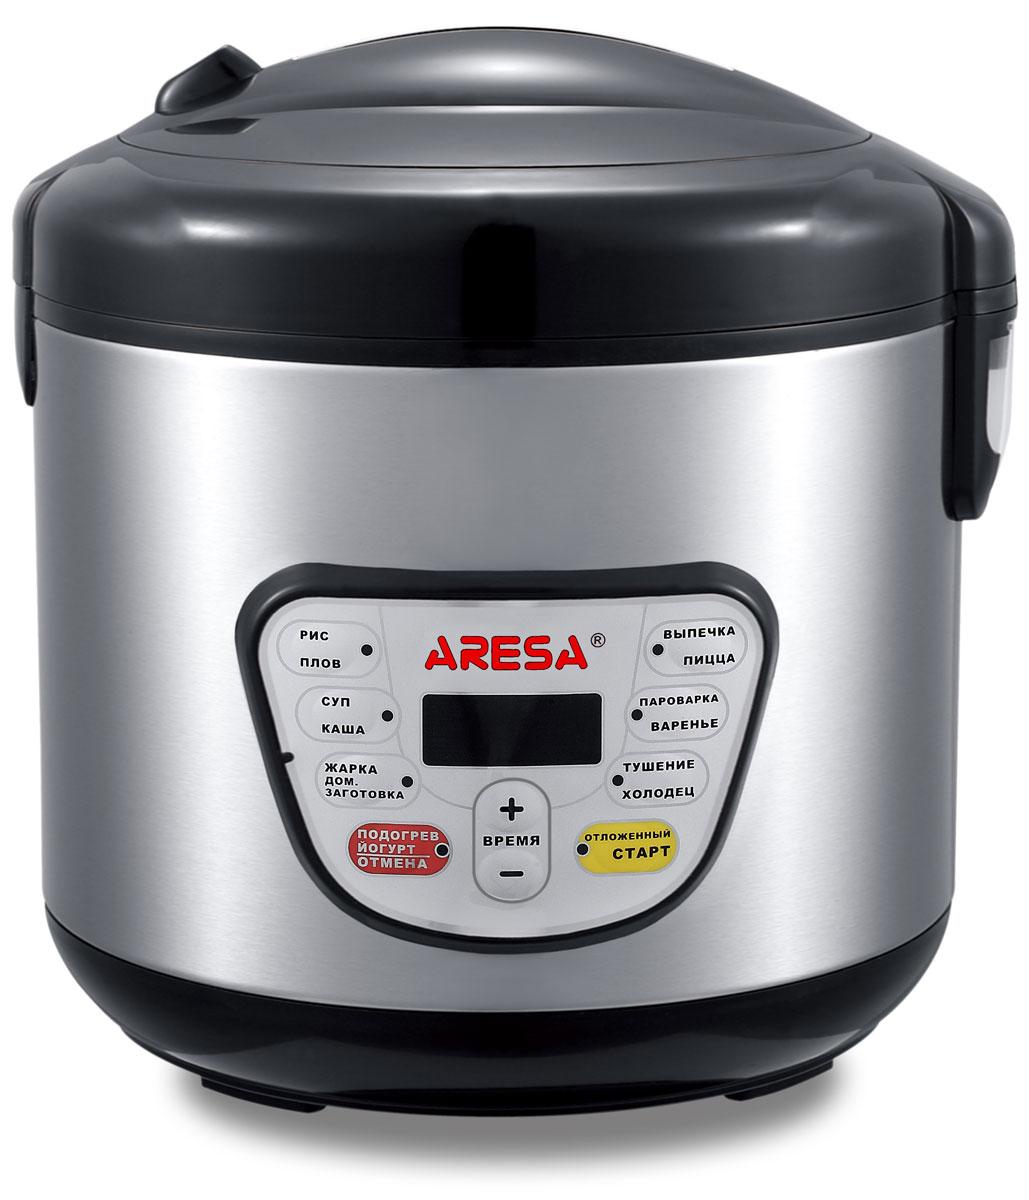 Aresa AR-2002 мультиваркаAR-2002Мультиварка Aresa AR-2002 имеет светодиодный LED-дисплей и вместительную чашу объемом 5 литров с керамическим покрытием. Удобная ручка для переноски позволит осуществлять удобное перемещение прибора. Множество различных функций и режимов приготовления позволит готовить именно те блюда, которые вам нравятся. Регулировка времени приготовления варьируется от 5 минут до 6 часов. В комплект входят полезные аксессуары для приготовления пищи, а книгу рецептов можно бесплатно скачать с сайта производителя.Как выбрать мультиварку. Статья OZON Гид